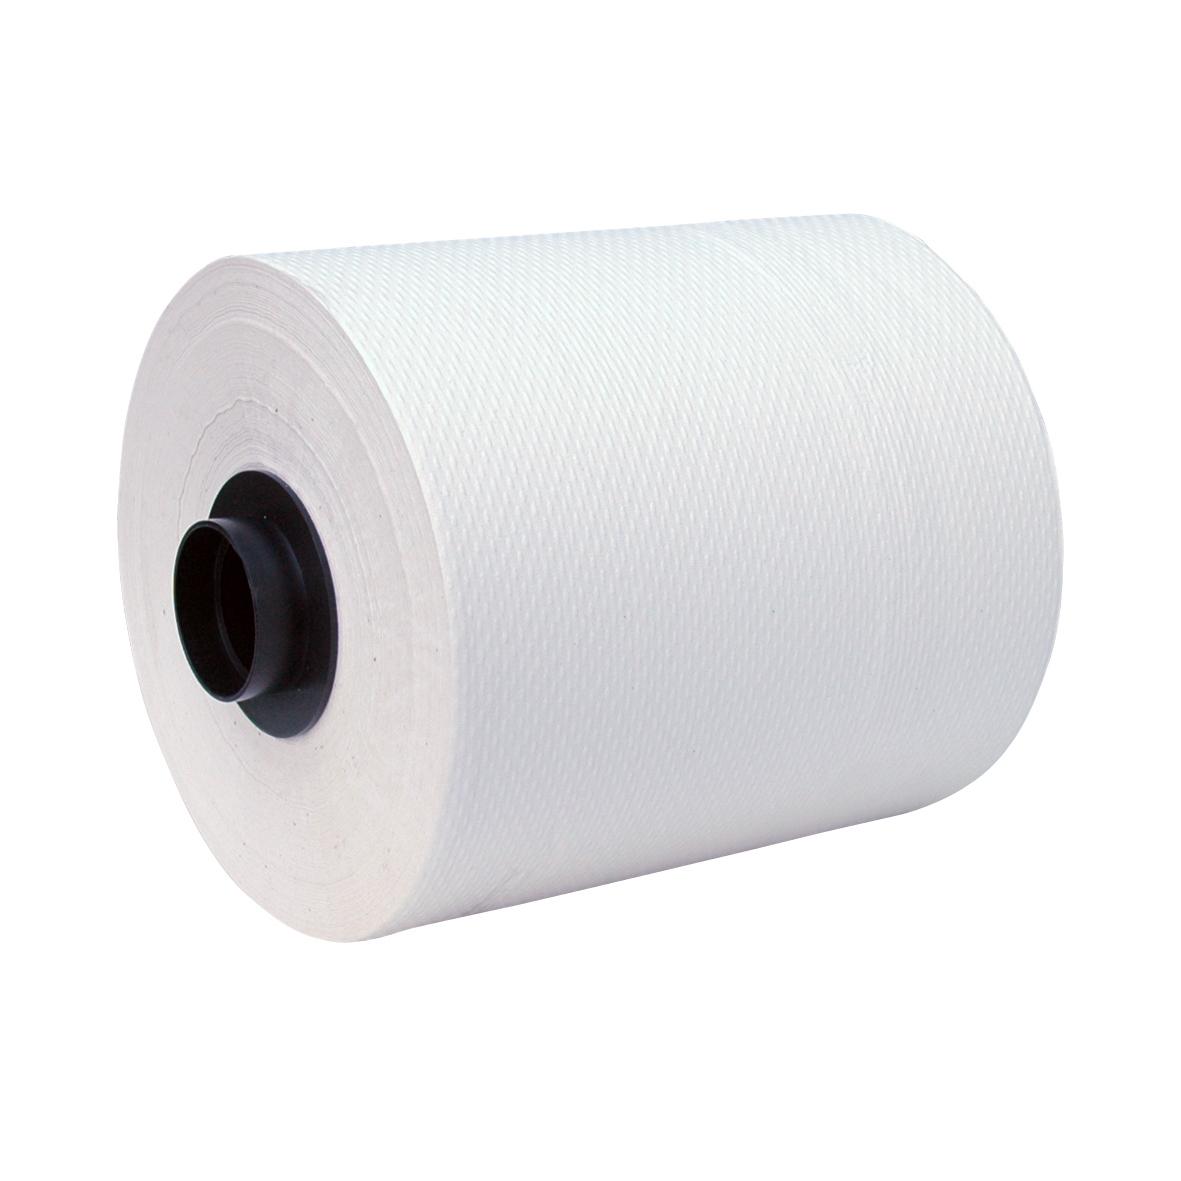 System ruller - tørkepapir